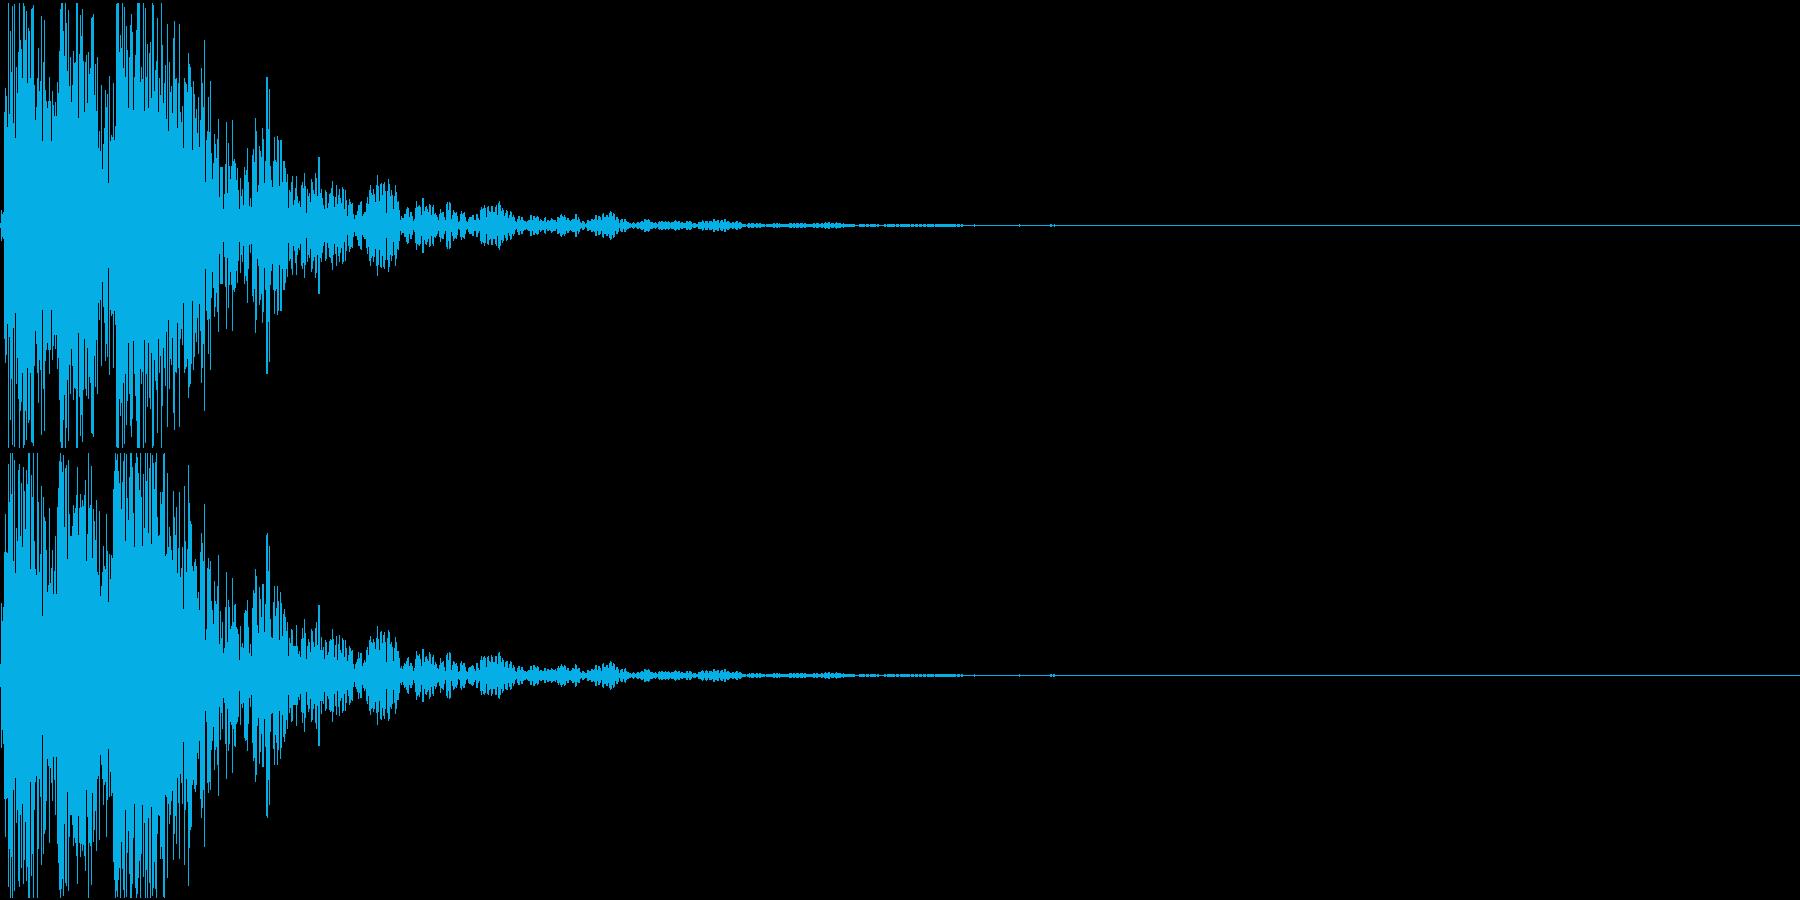 [[デレレン]] 和太鼓、箏、三味線の再生済みの波形